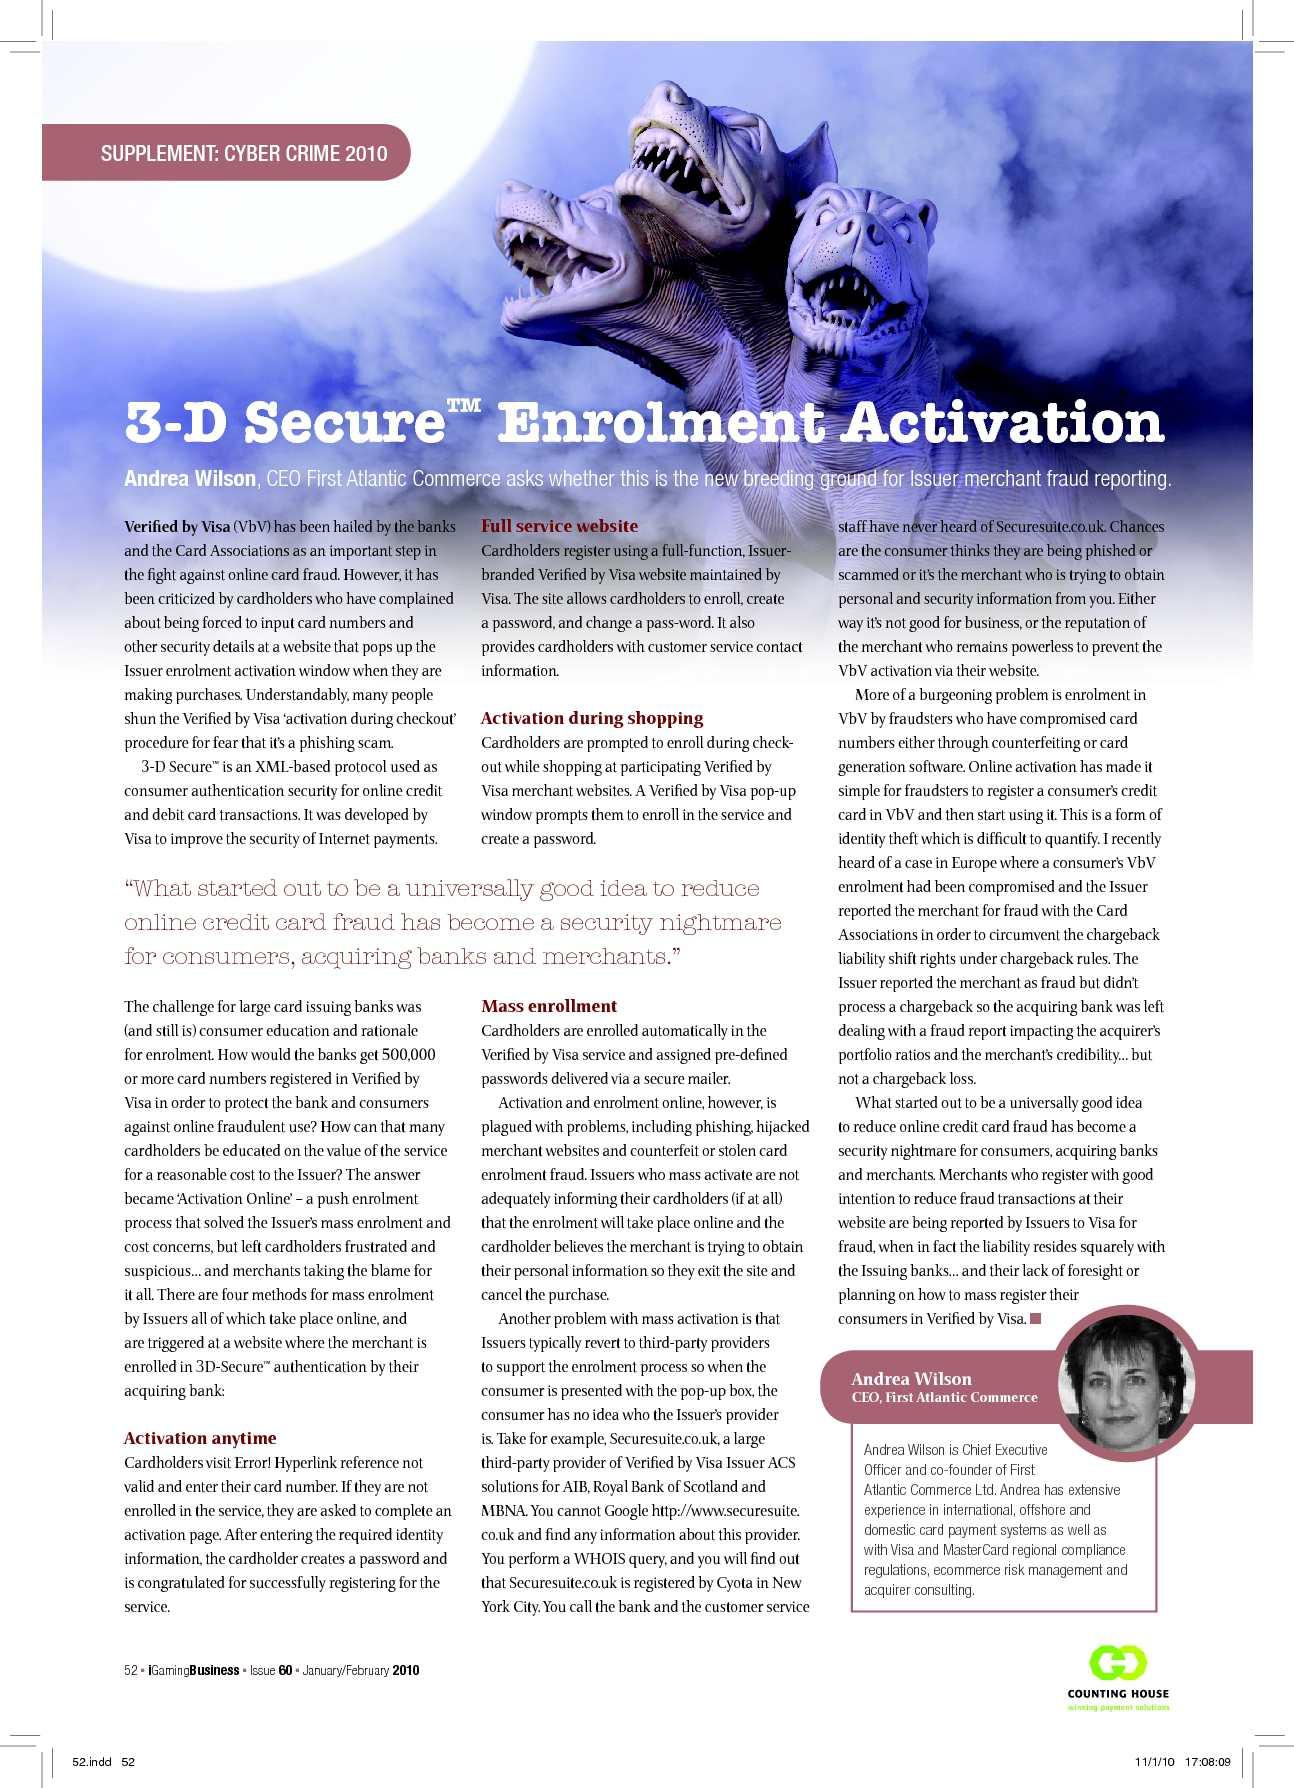 Calaméo - 3-D Secure Enrolment Activation - Andrea Wilson